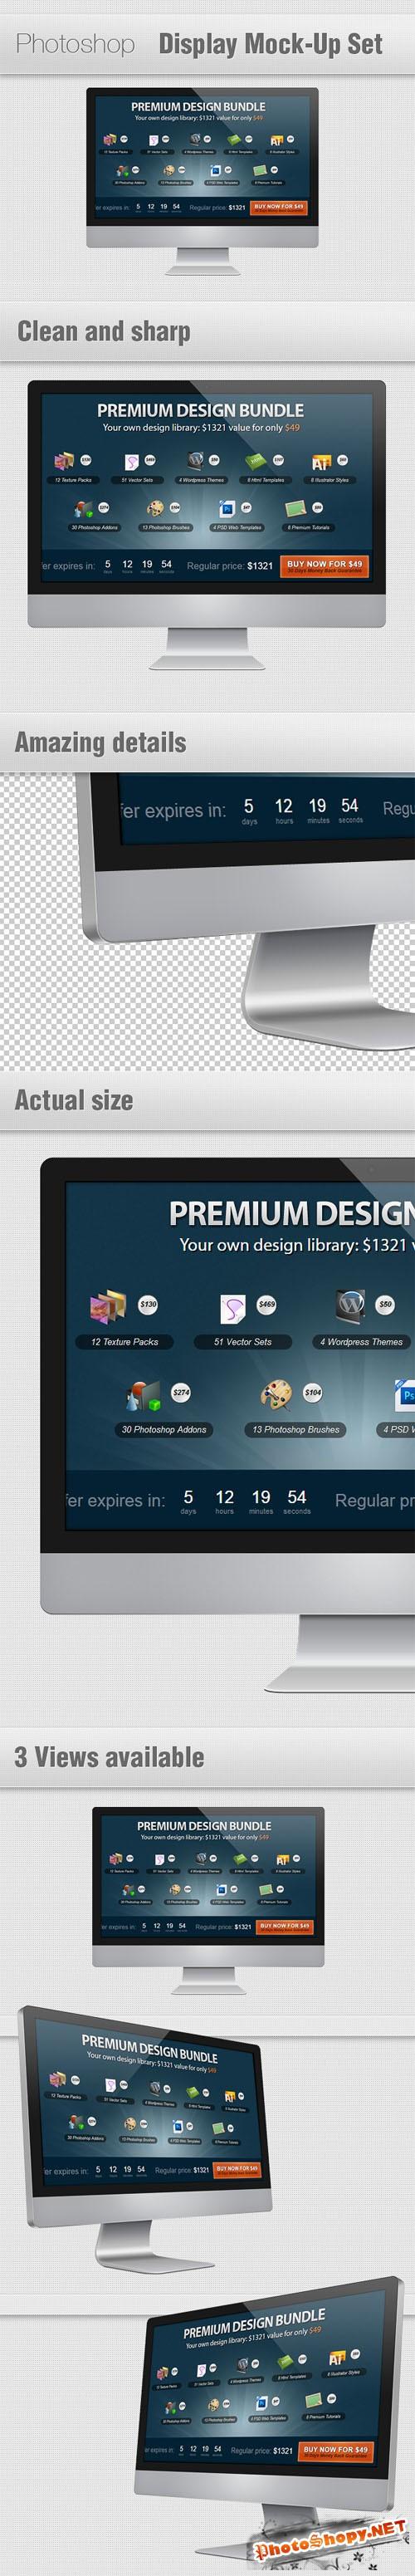 Designtnt - Display Mock-ups Set for Photoshop